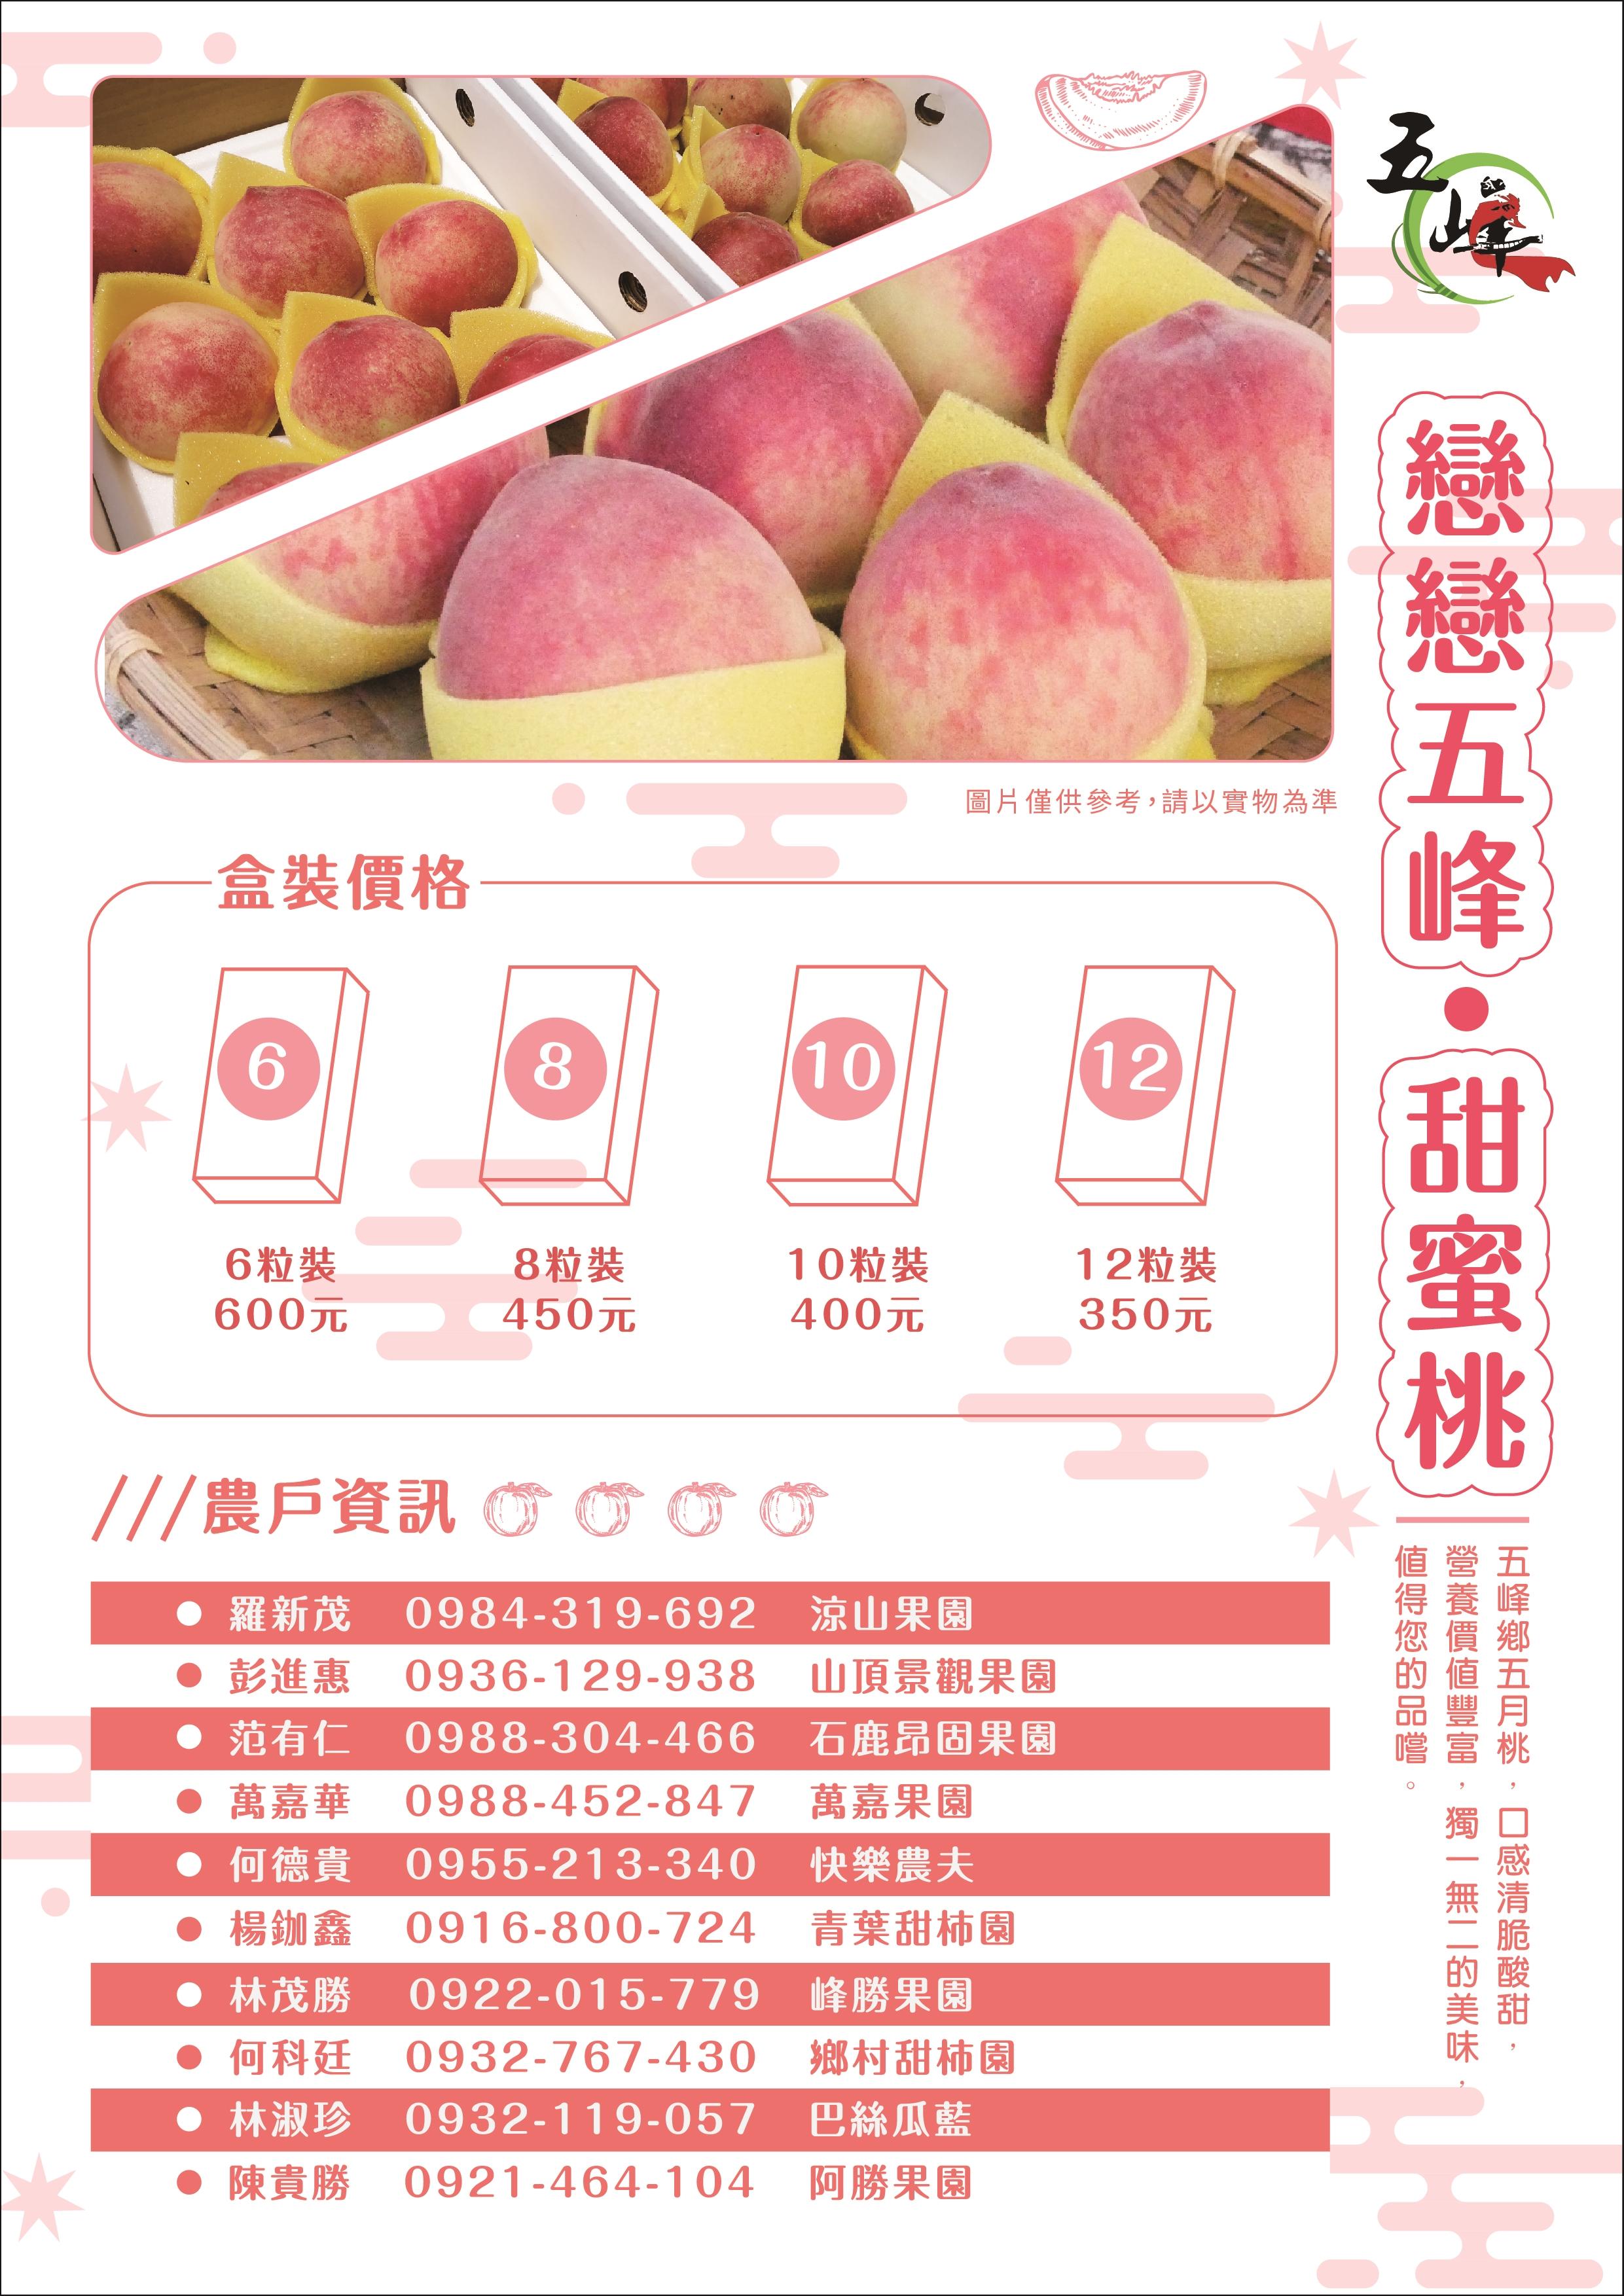 五峰鄉甜蜜桃訂購資訊